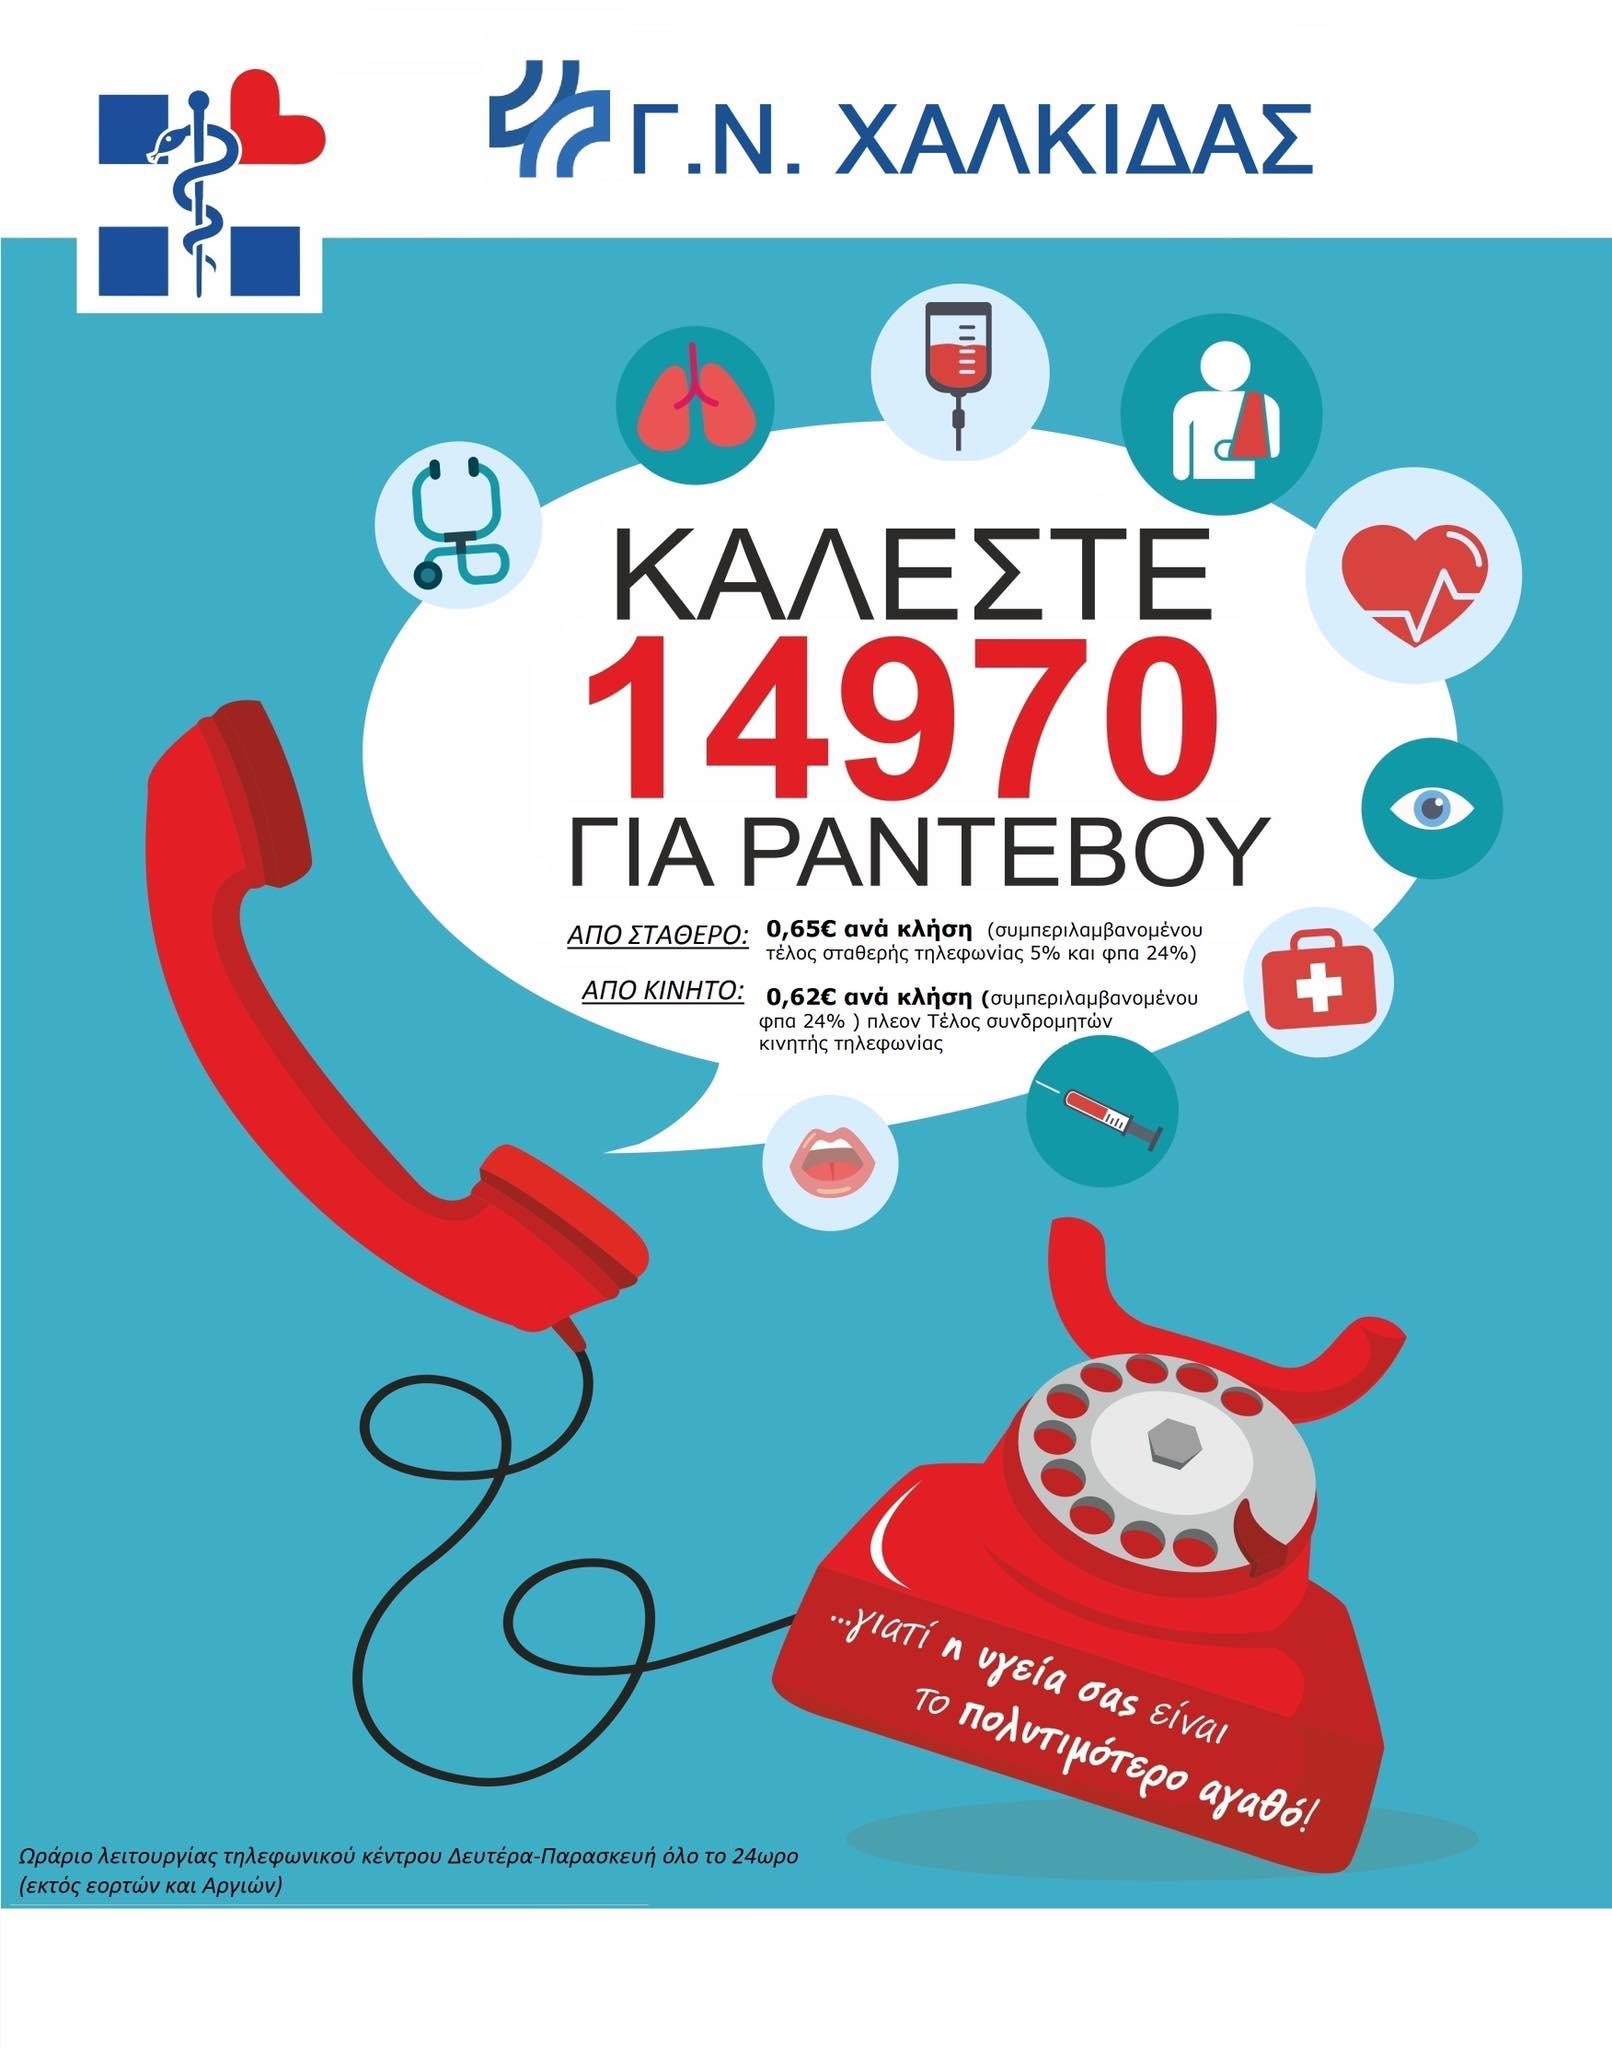 Νέα τηλεφωνική γραμμή για ραντεβού στο Γ.Ν. Χαλκίδας – Καλέστε το 14970